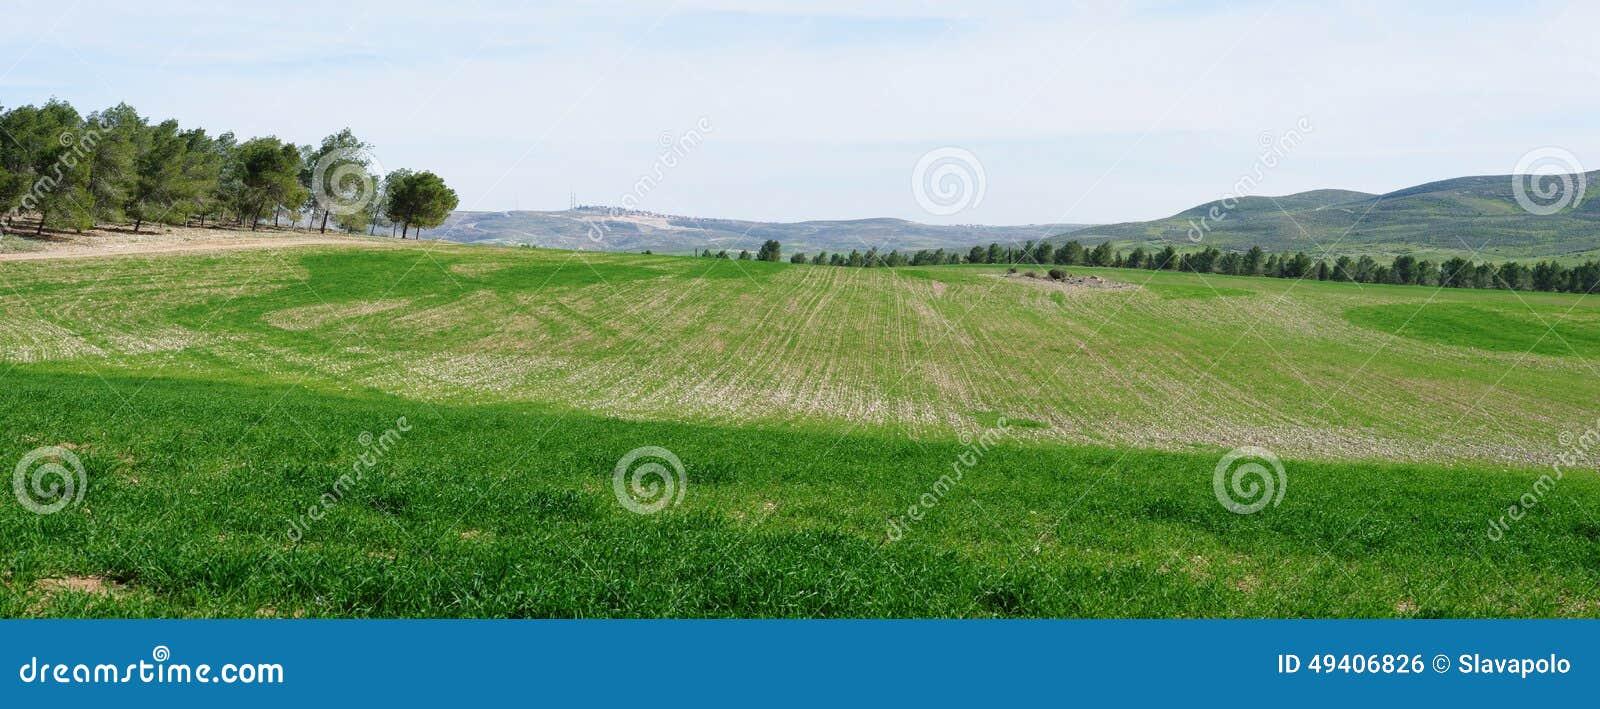 Download Panorama Von Grünfeldern Und -wiesen Im Frühjahr Stockfoto - Bild von landwirtschaftlich, outdoor: 49406826